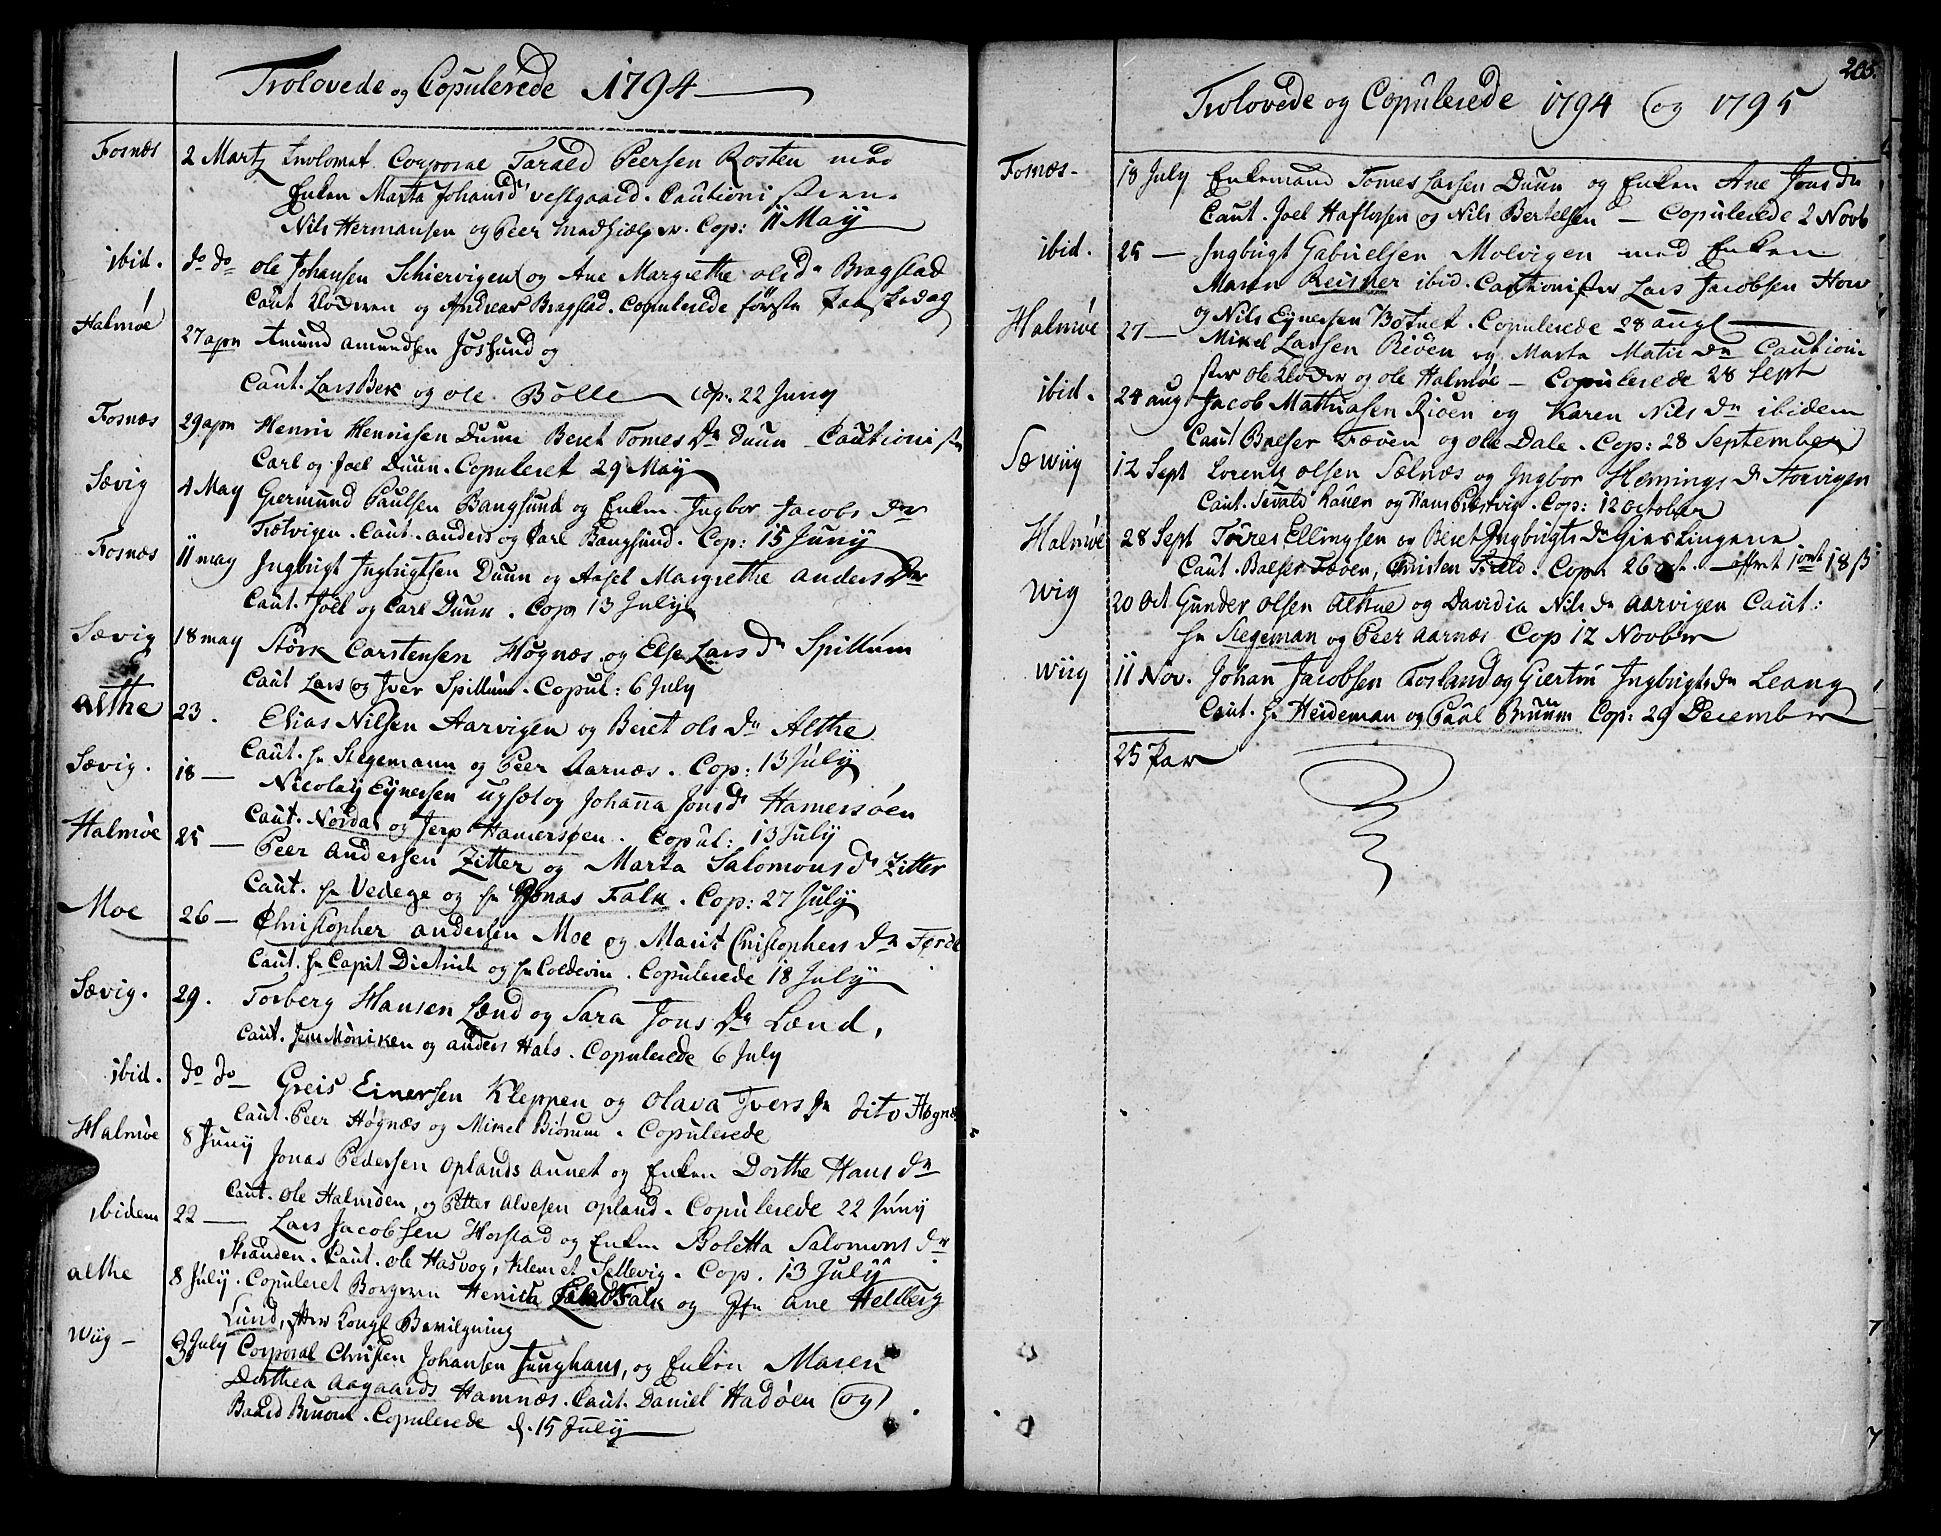 SAT, Ministerialprotokoller, klokkerbøker og fødselsregistre - Nord-Trøndelag, 773/L0608: Ministerialbok nr. 773A02, 1784-1816, s. 205